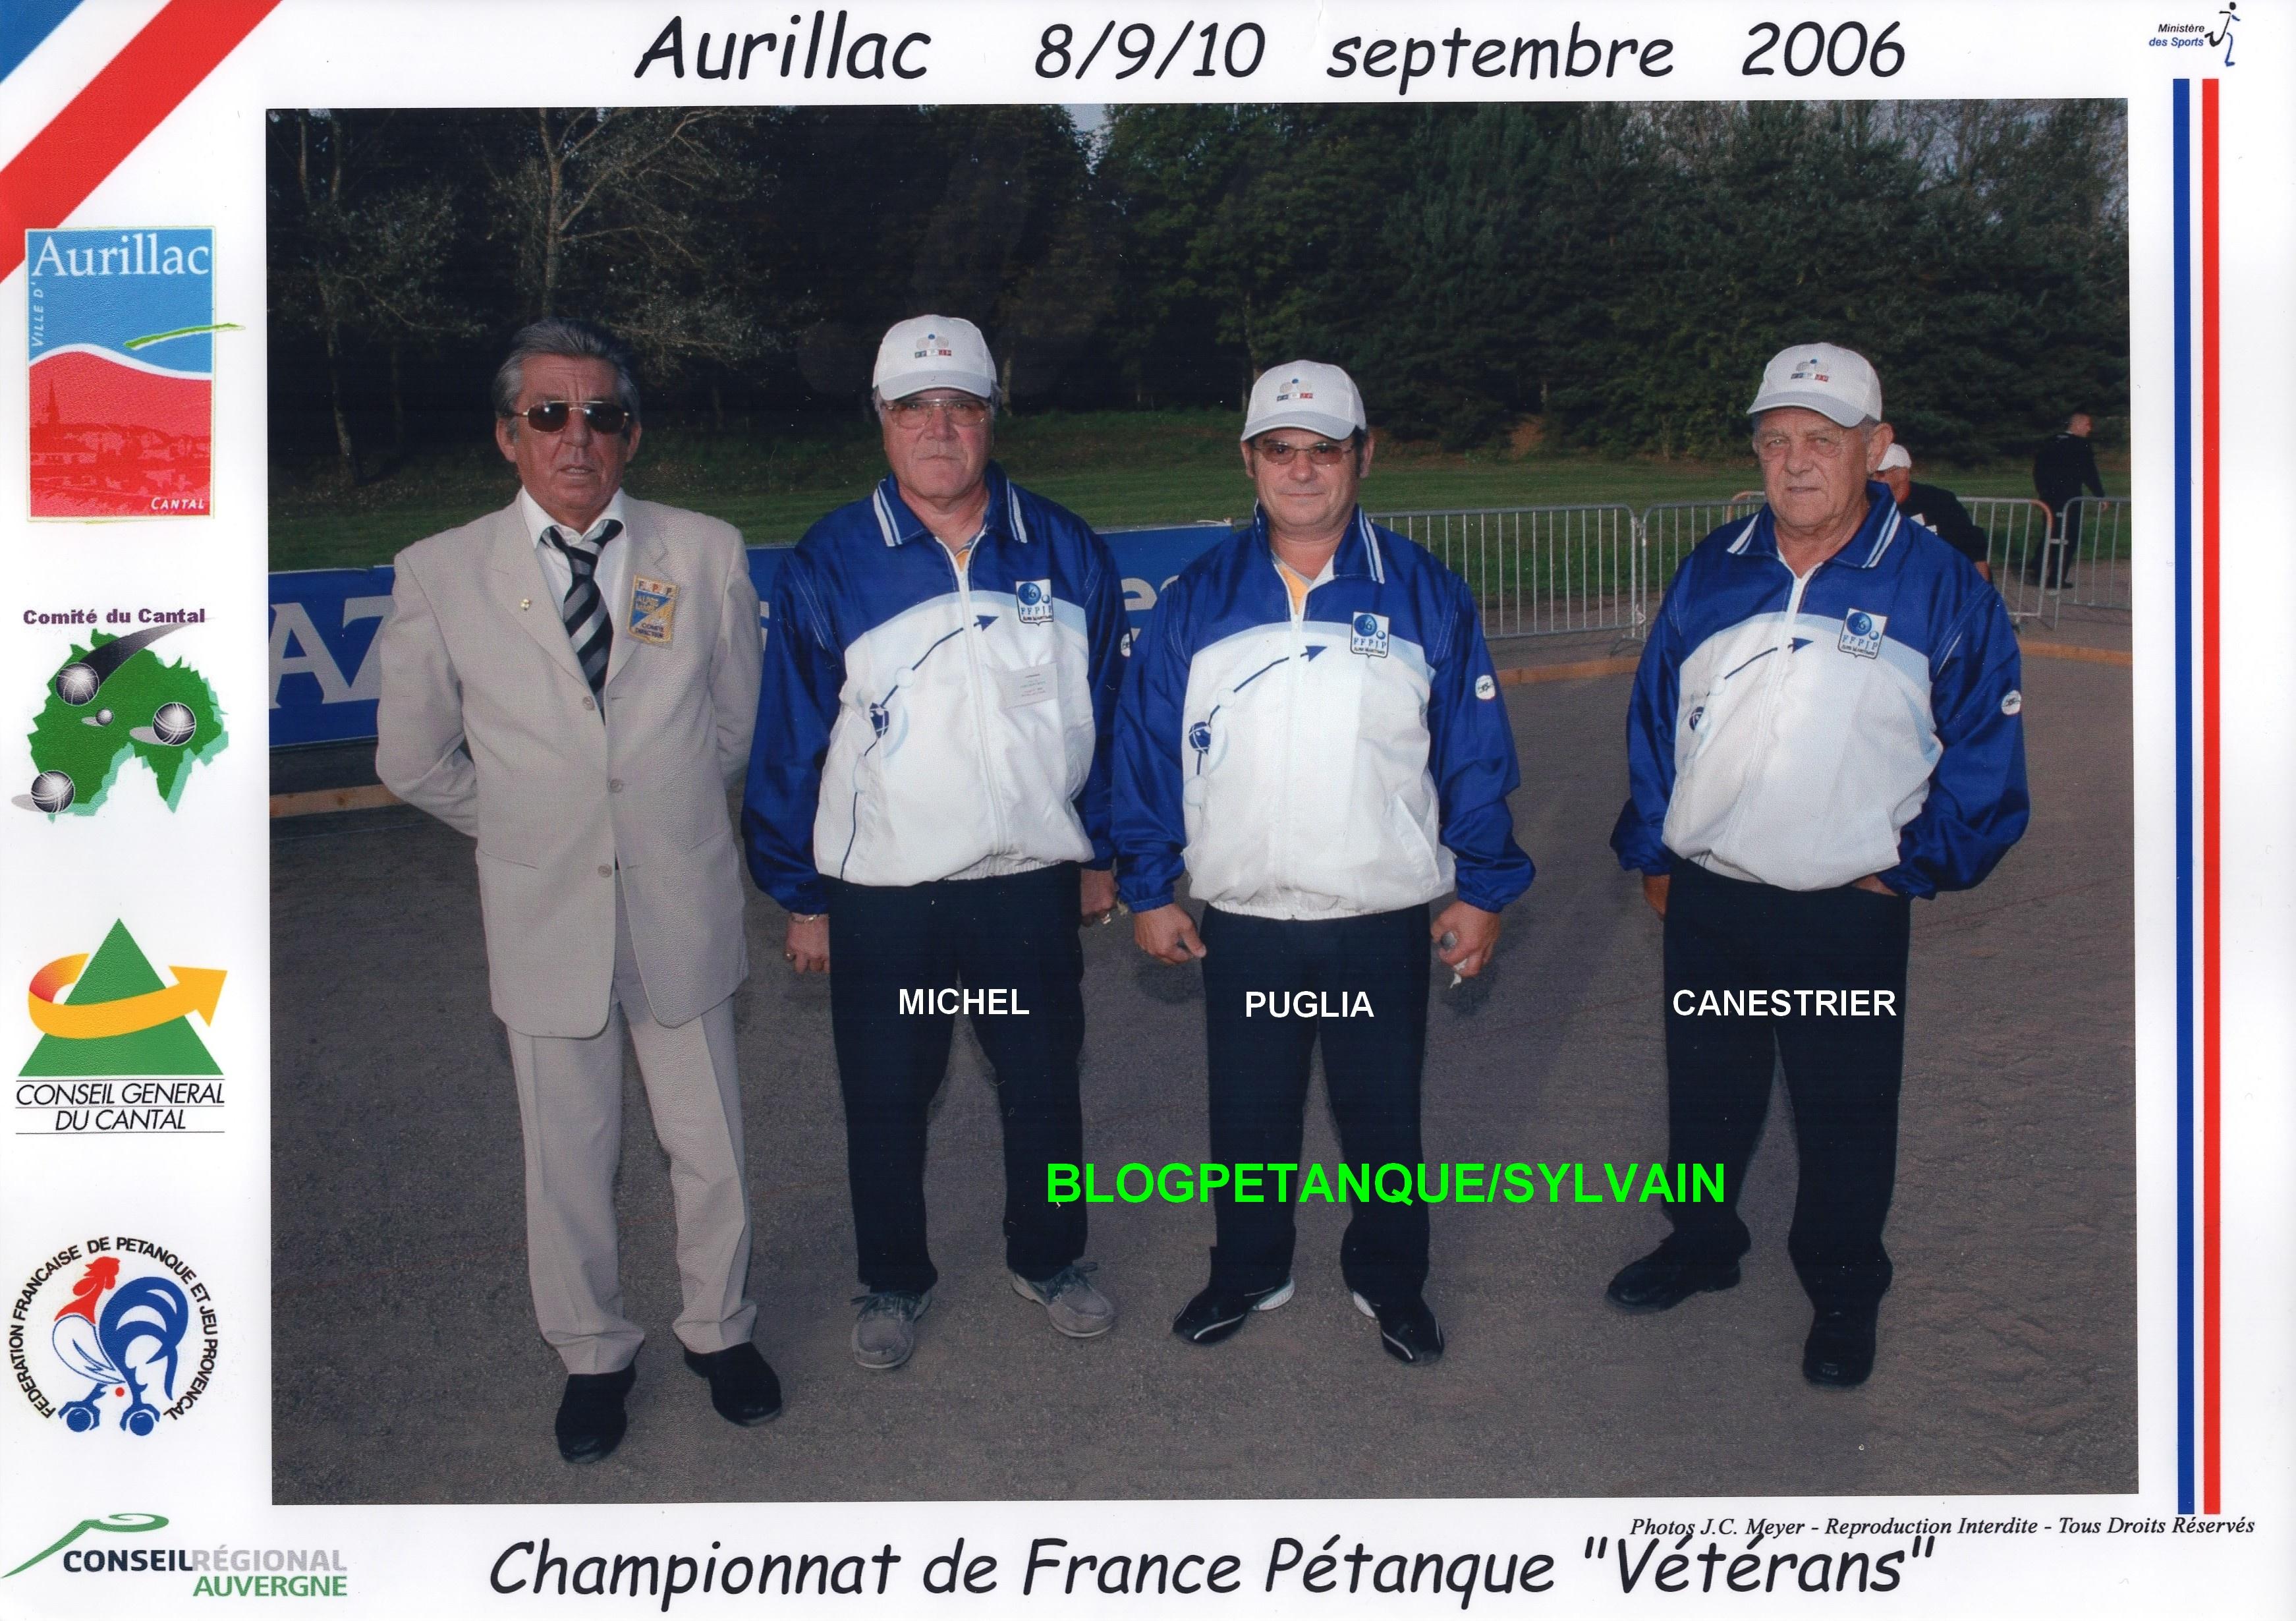 Les championnes de ligue triplettes du 06